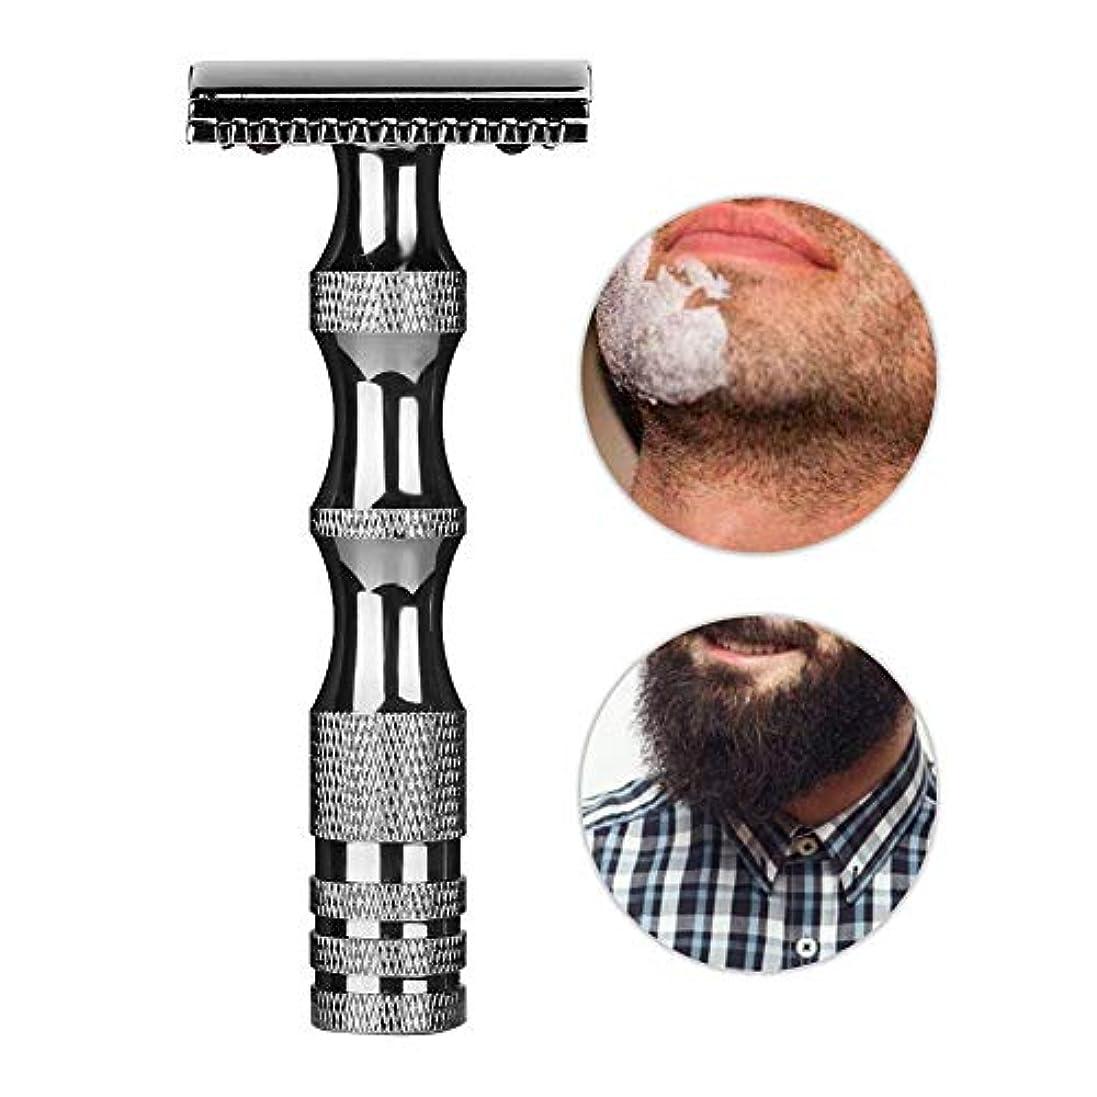 困惑するチーズノイズ安全剃刀、クラシックメンズ滑り止めメタルハンドルデュアルエッジシェーバーヴィンテージスタイルメンズ安全剃刀、スムーズで快適な髭剃り(Dark Silver)